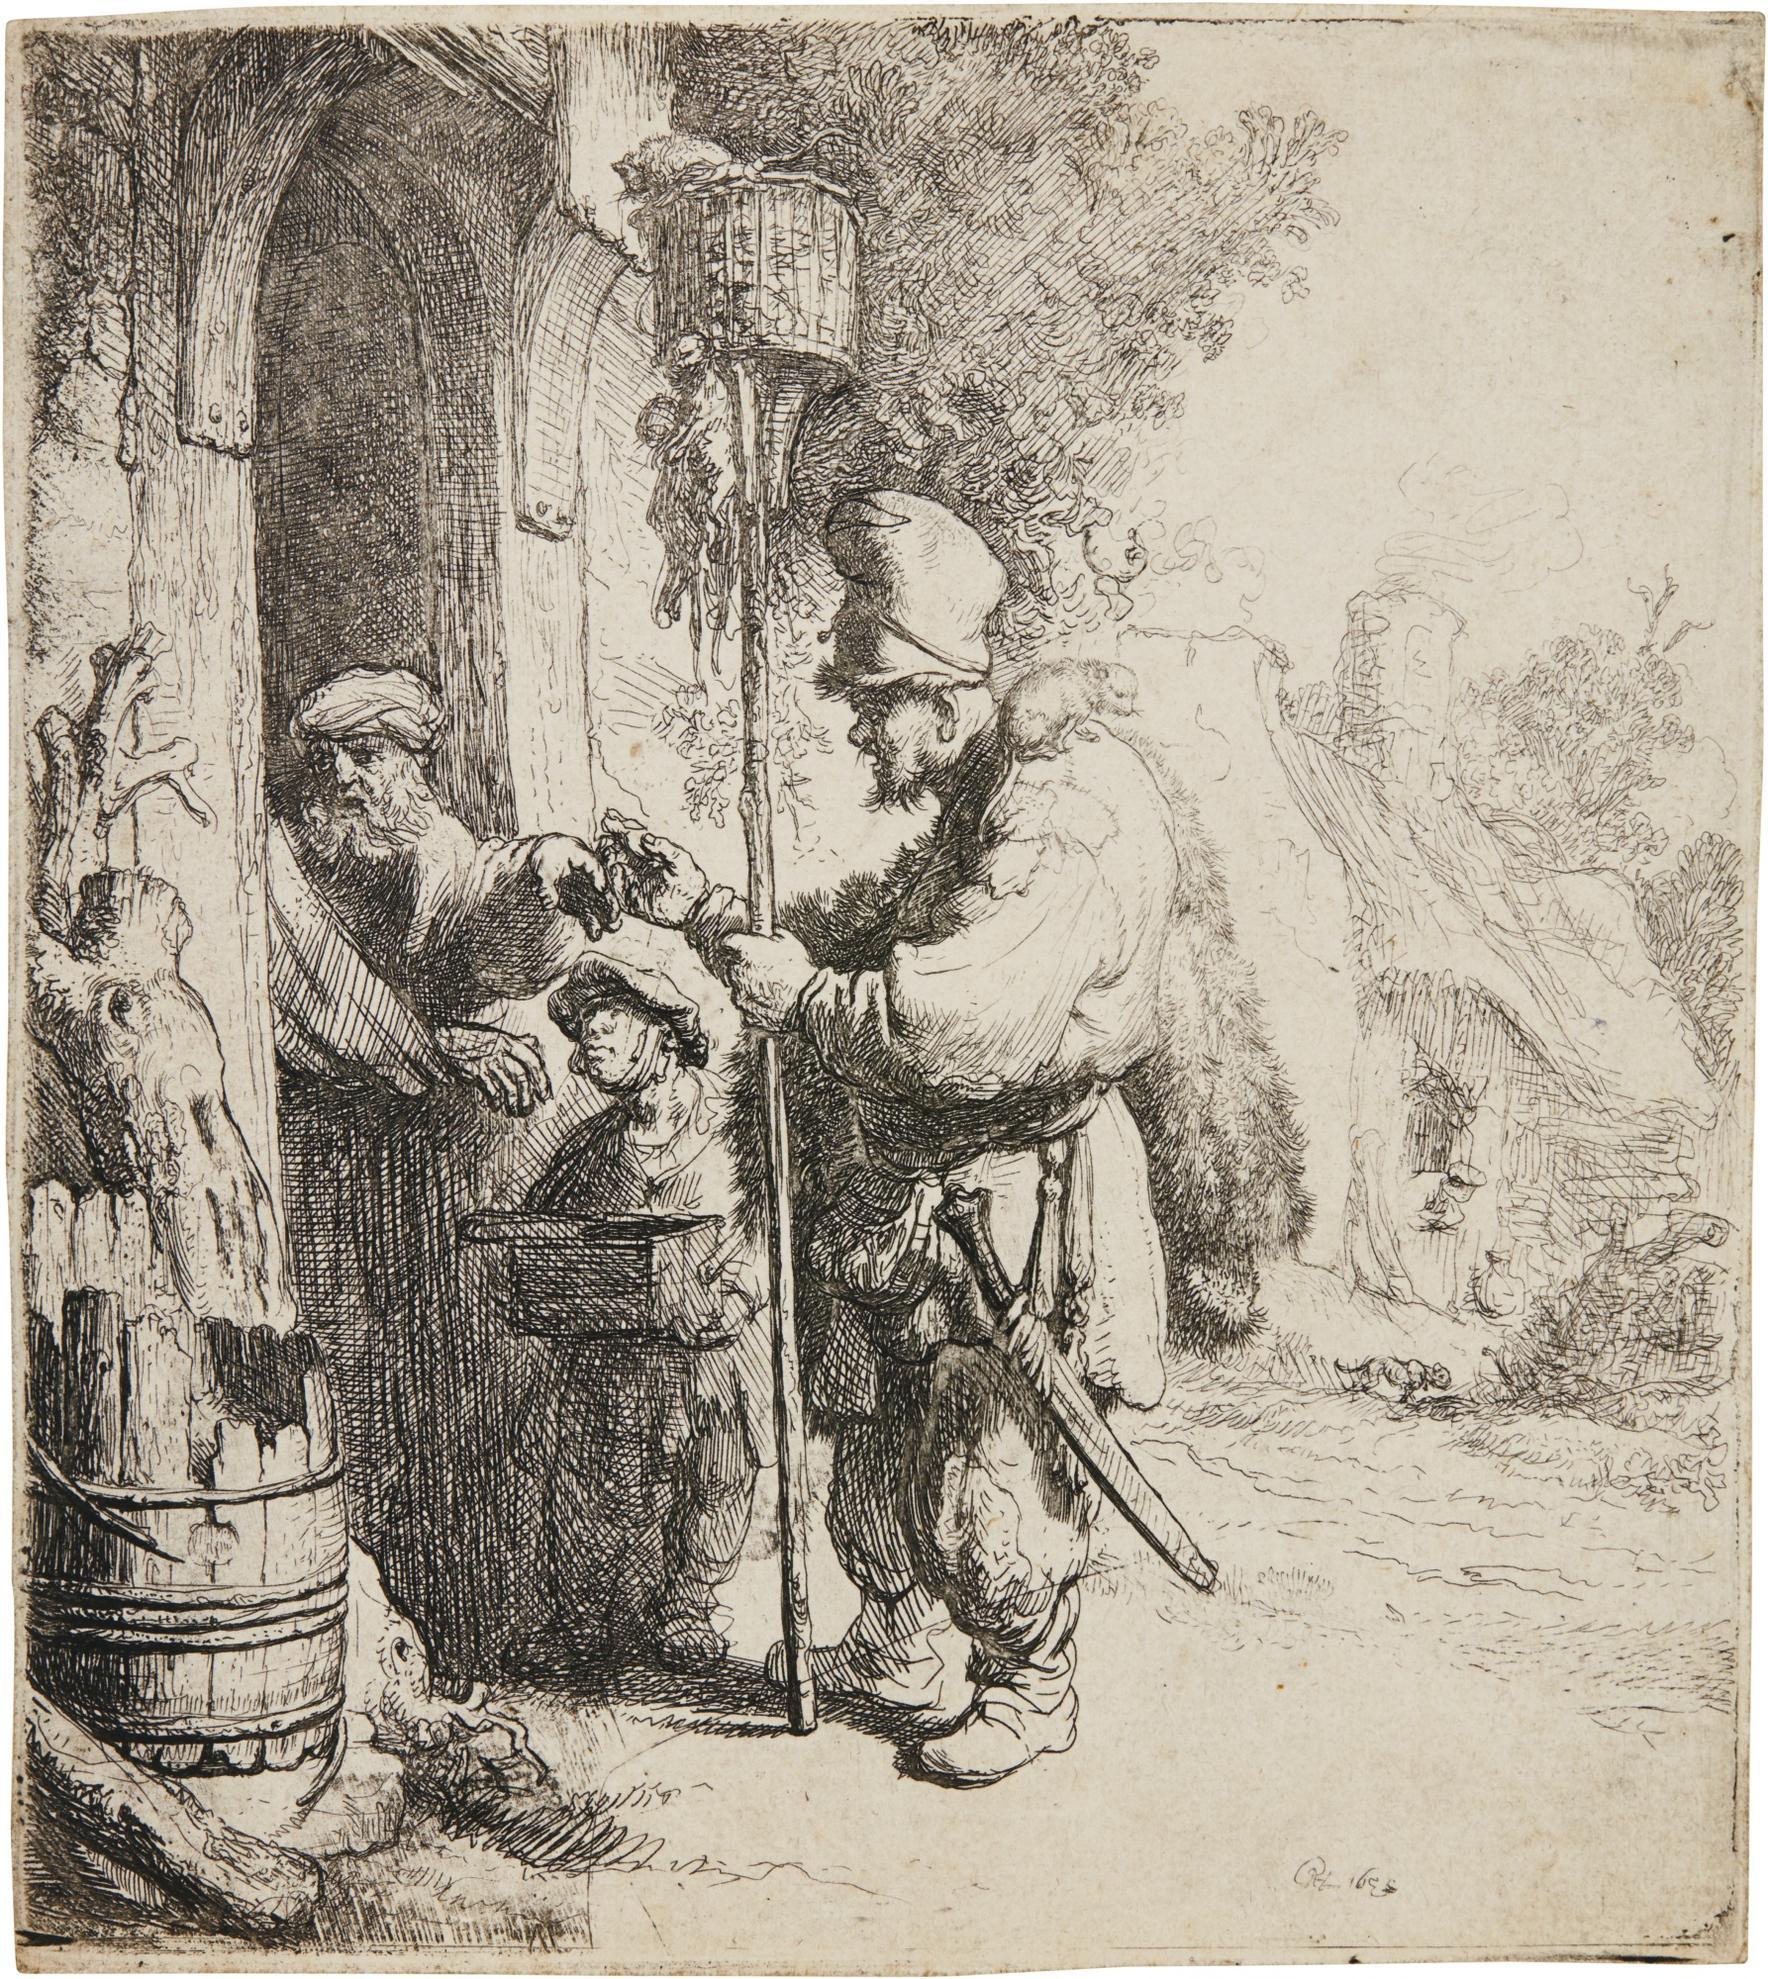 Rembrandt van Rijn-The Rat Catcher (B., Holl. 121; New Holl. 111; H. 97)-1632